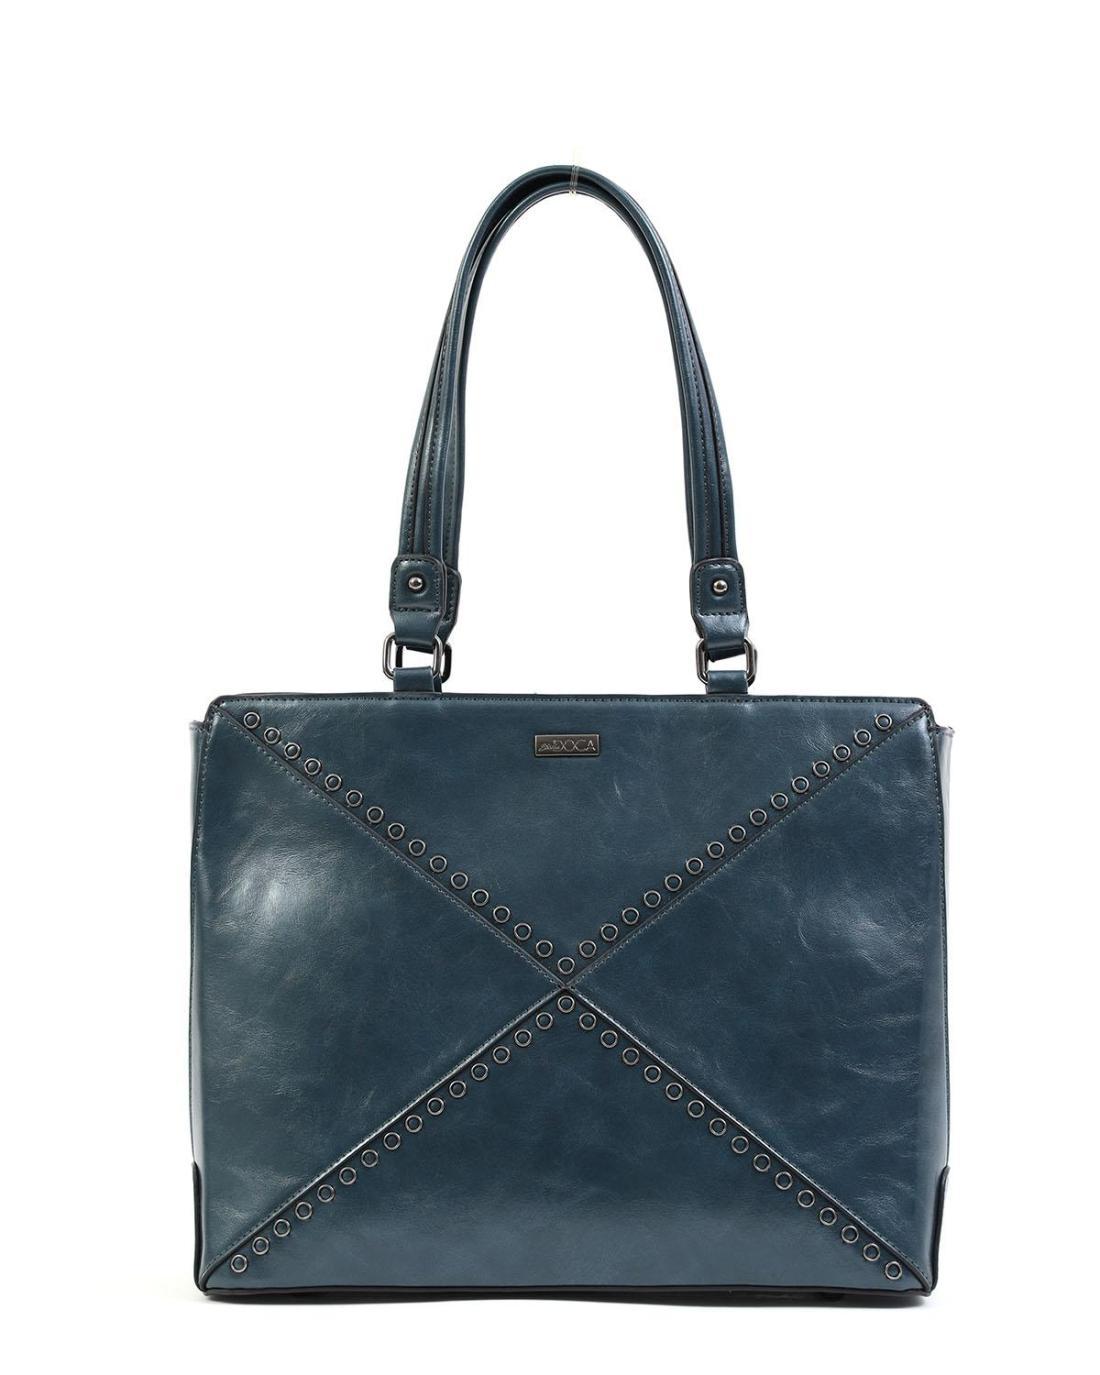 Καθημερινή τσάντα χειρός/ώμου μπλε